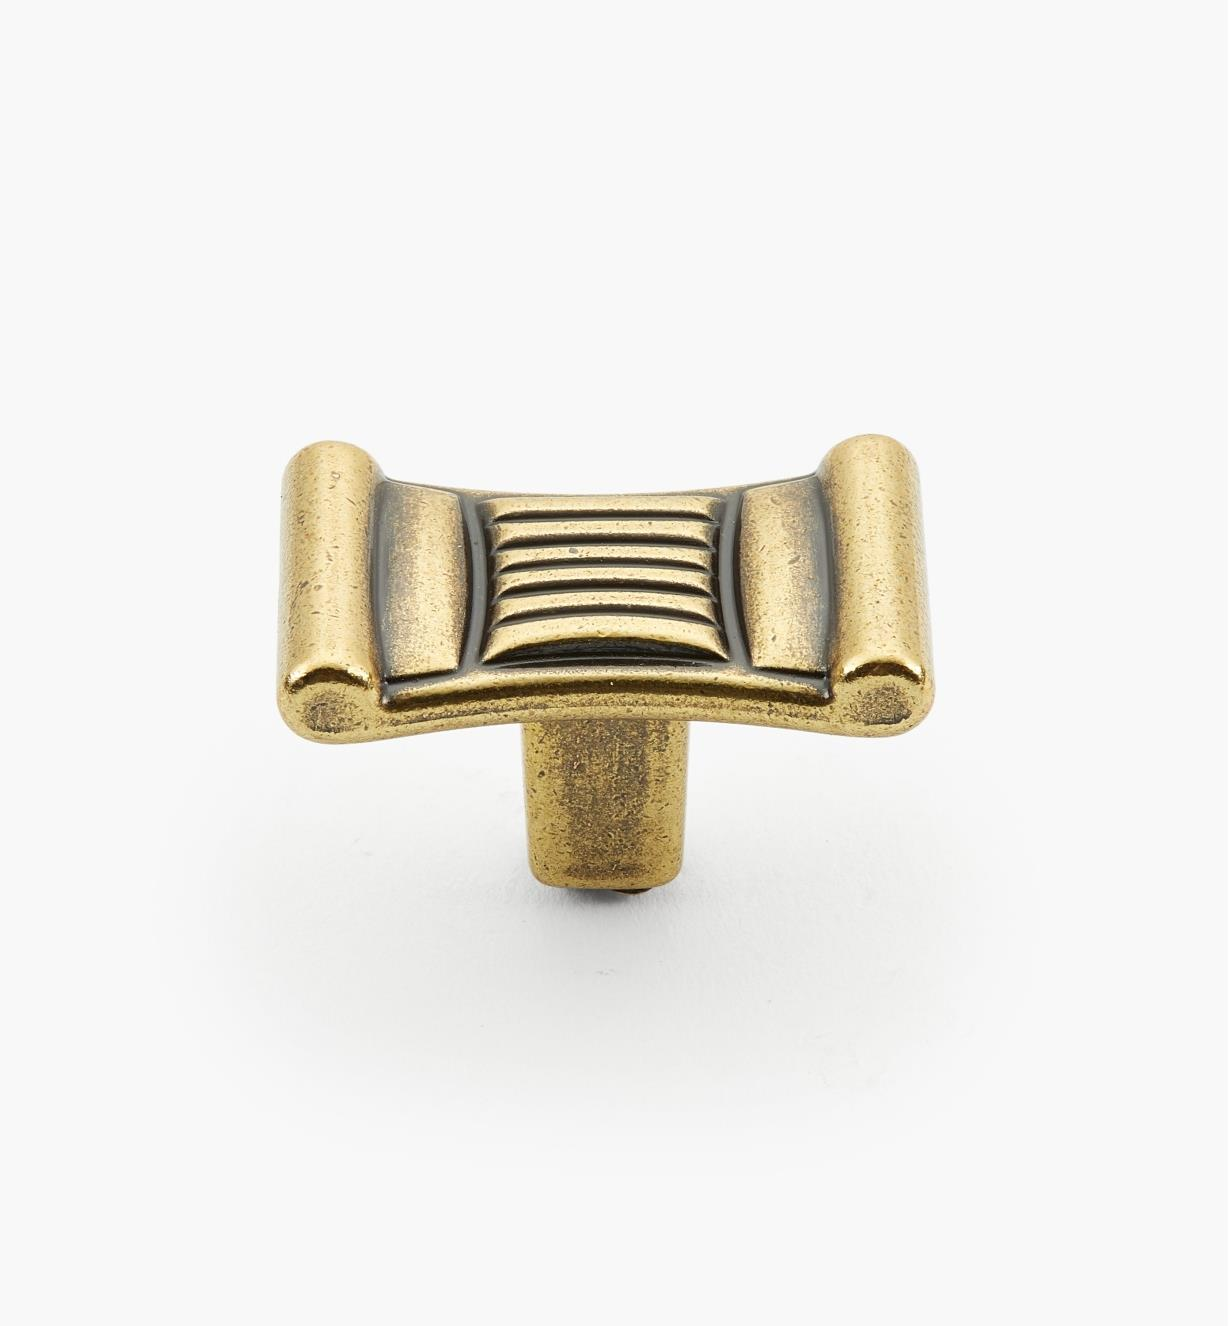 00A7230 - 35mm × 21mm Knob